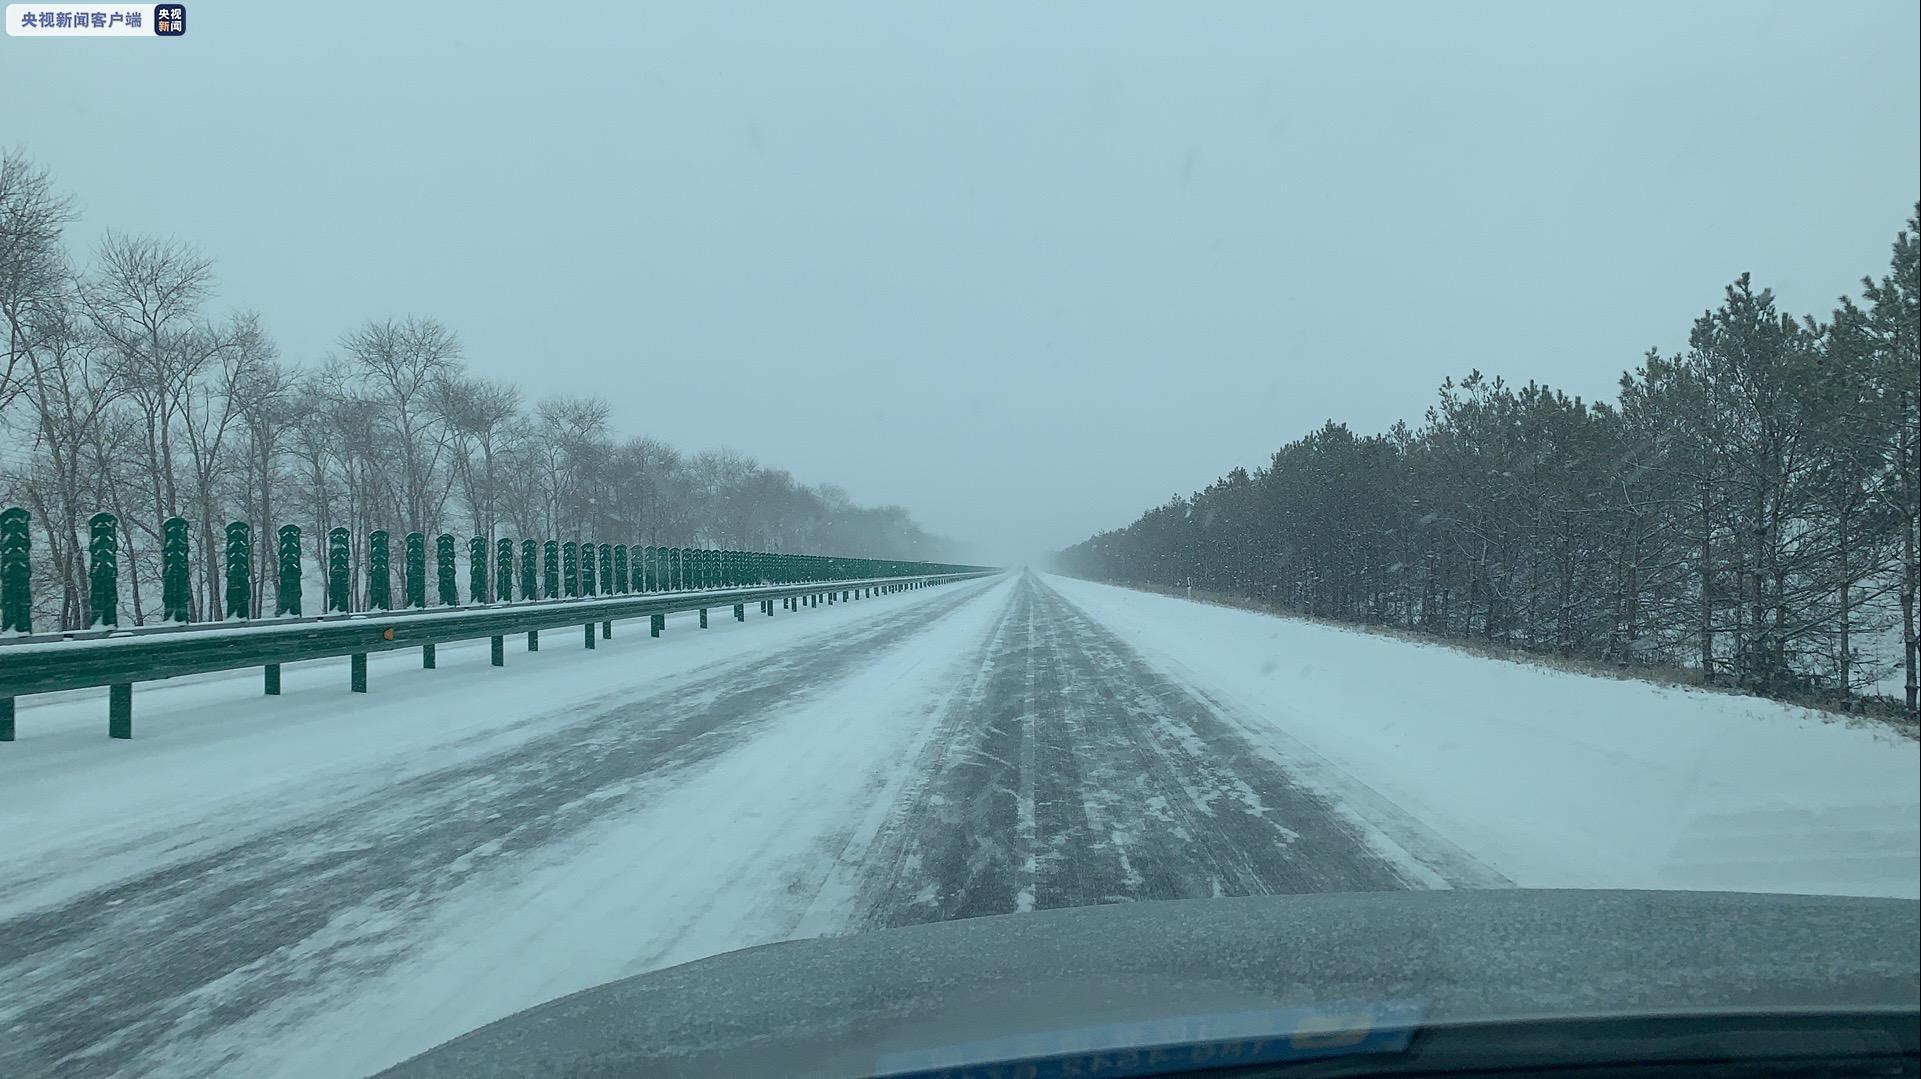 受降雪影响 黑龙江多条高速封闭图片